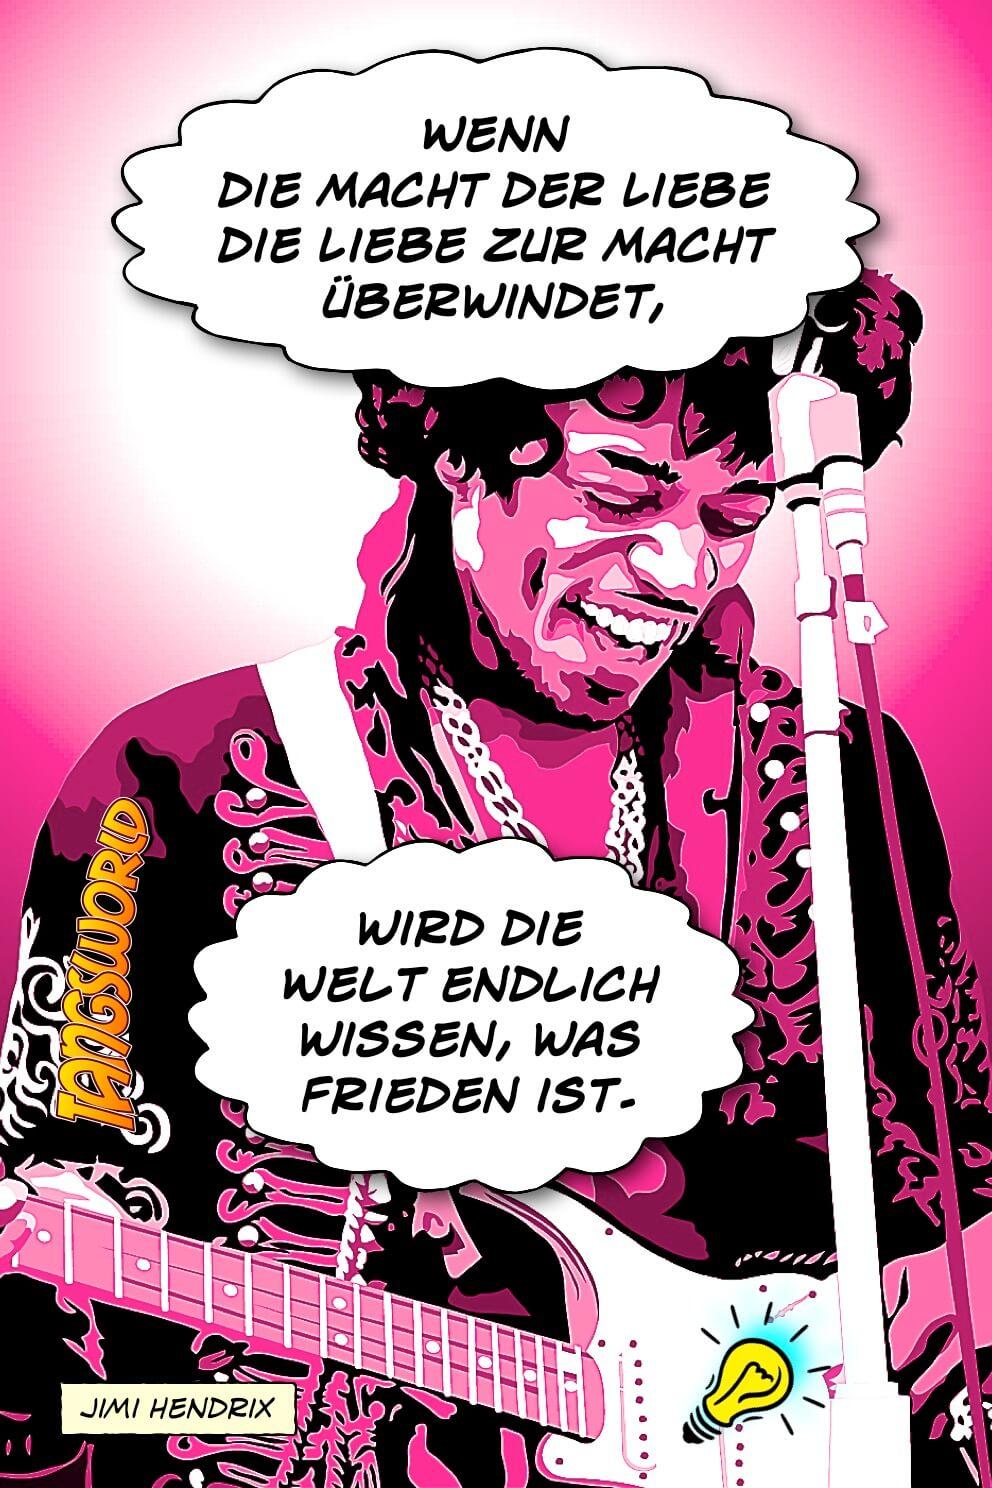 Wenn die Macht der Liebe die Liebe zur Macht überwindet, wird die Welt endlich wissen, was Frieden ist. - Geistesblitze | Jimi Hendrix